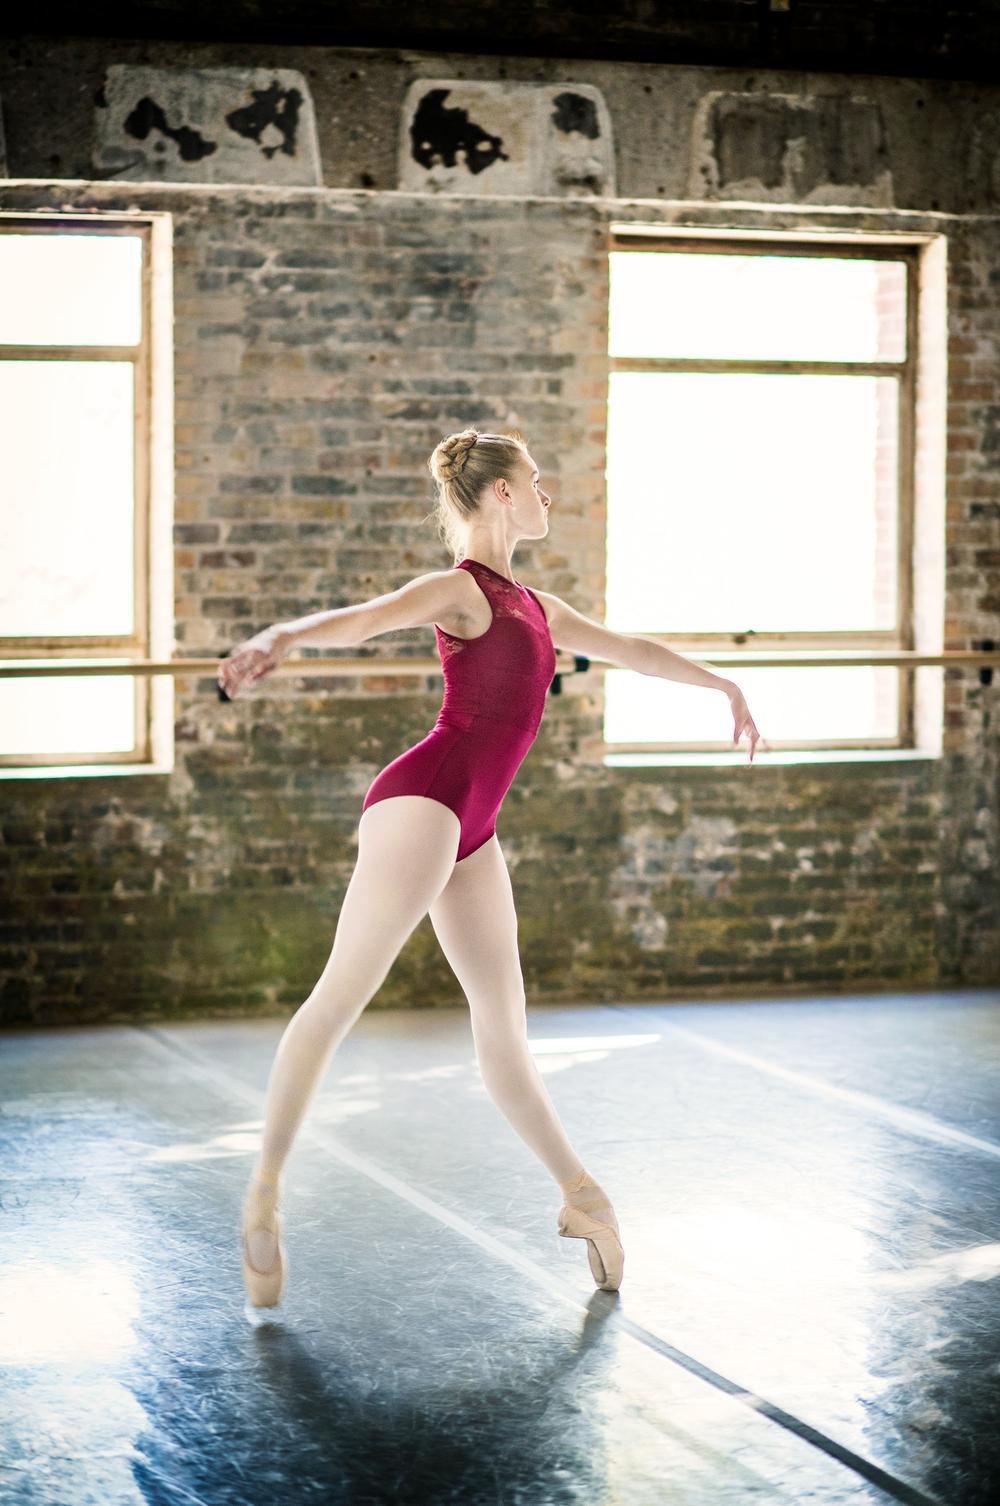 Ballerina-in-dance-studio-HenrikOlundPhotography.jpg